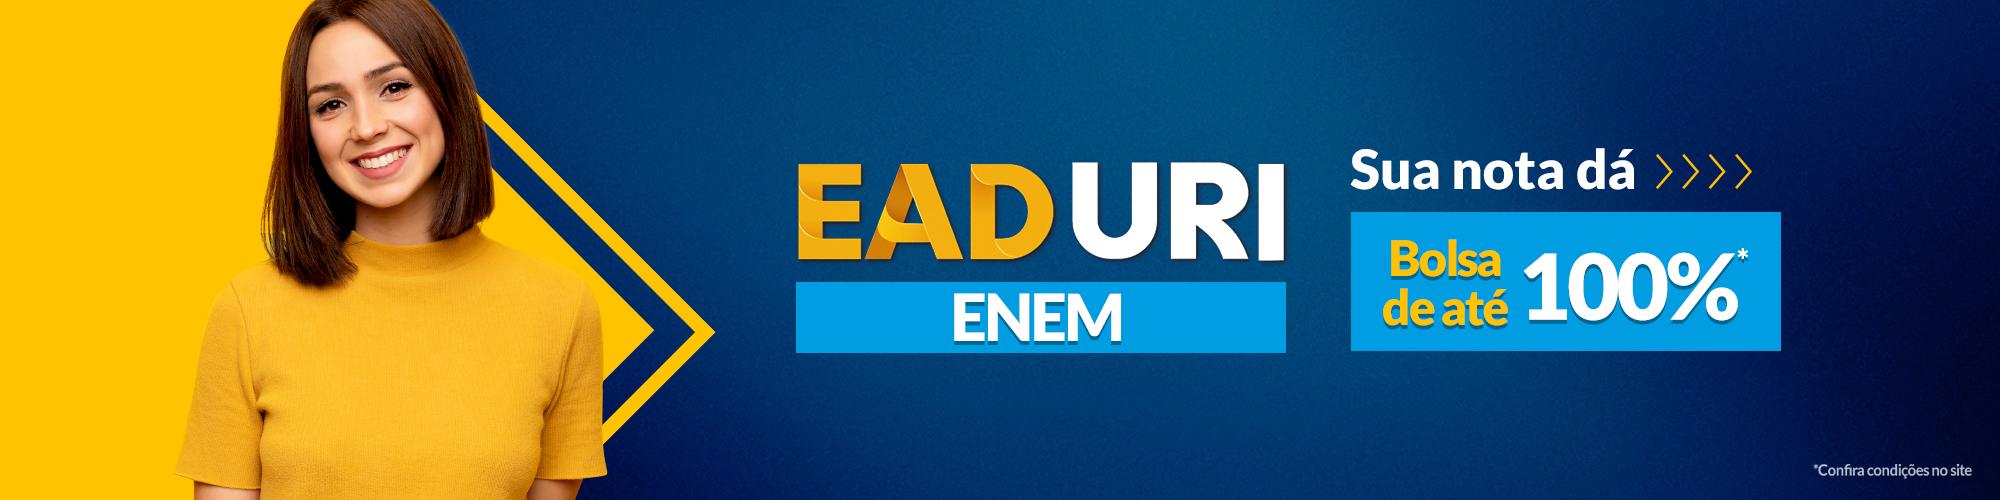 EAD URI ENEM